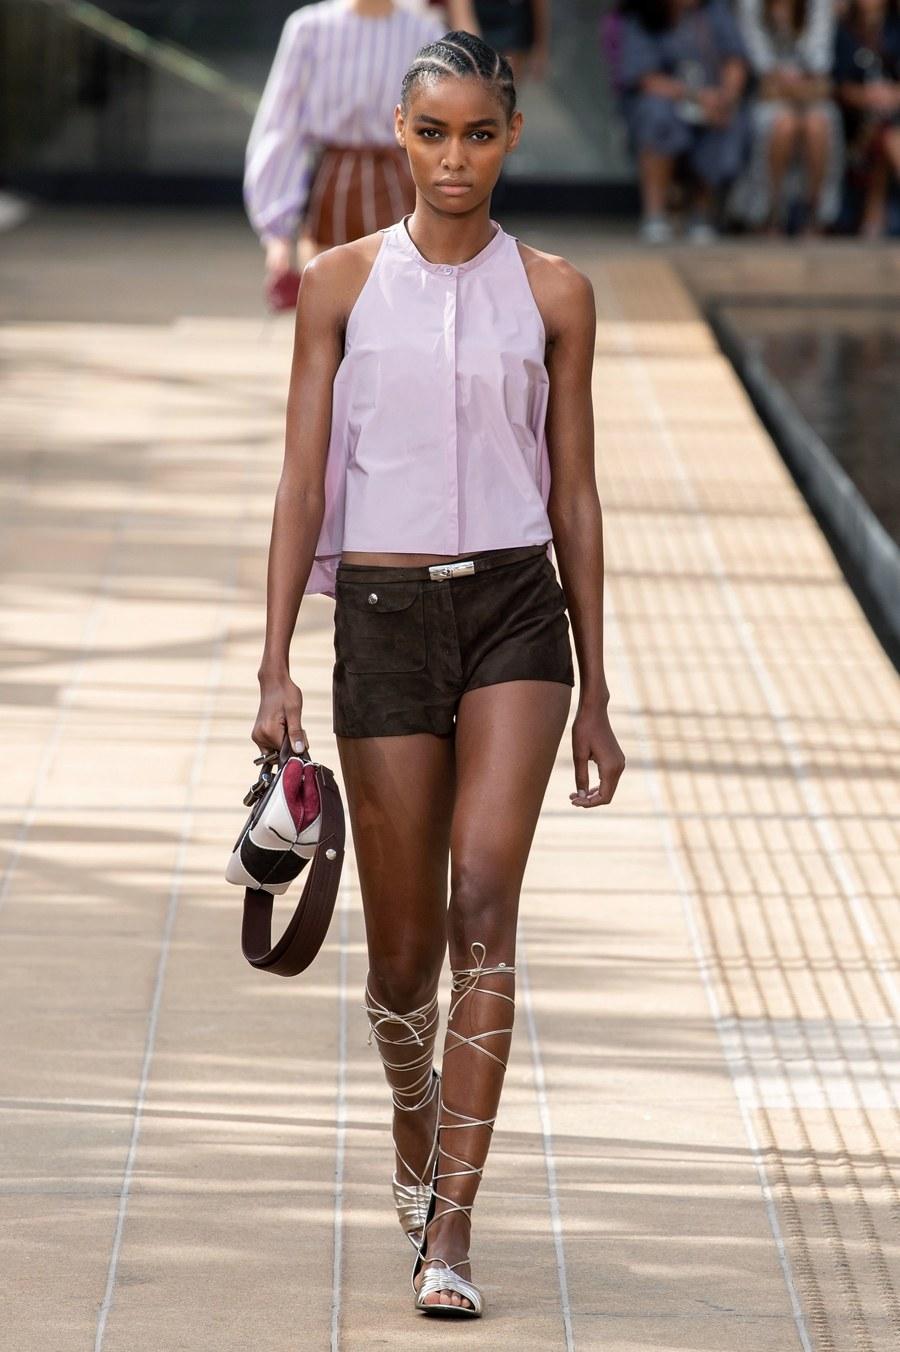 عرض أزياء Longchamp  بأسبوع الموضة بنيويورك (6)